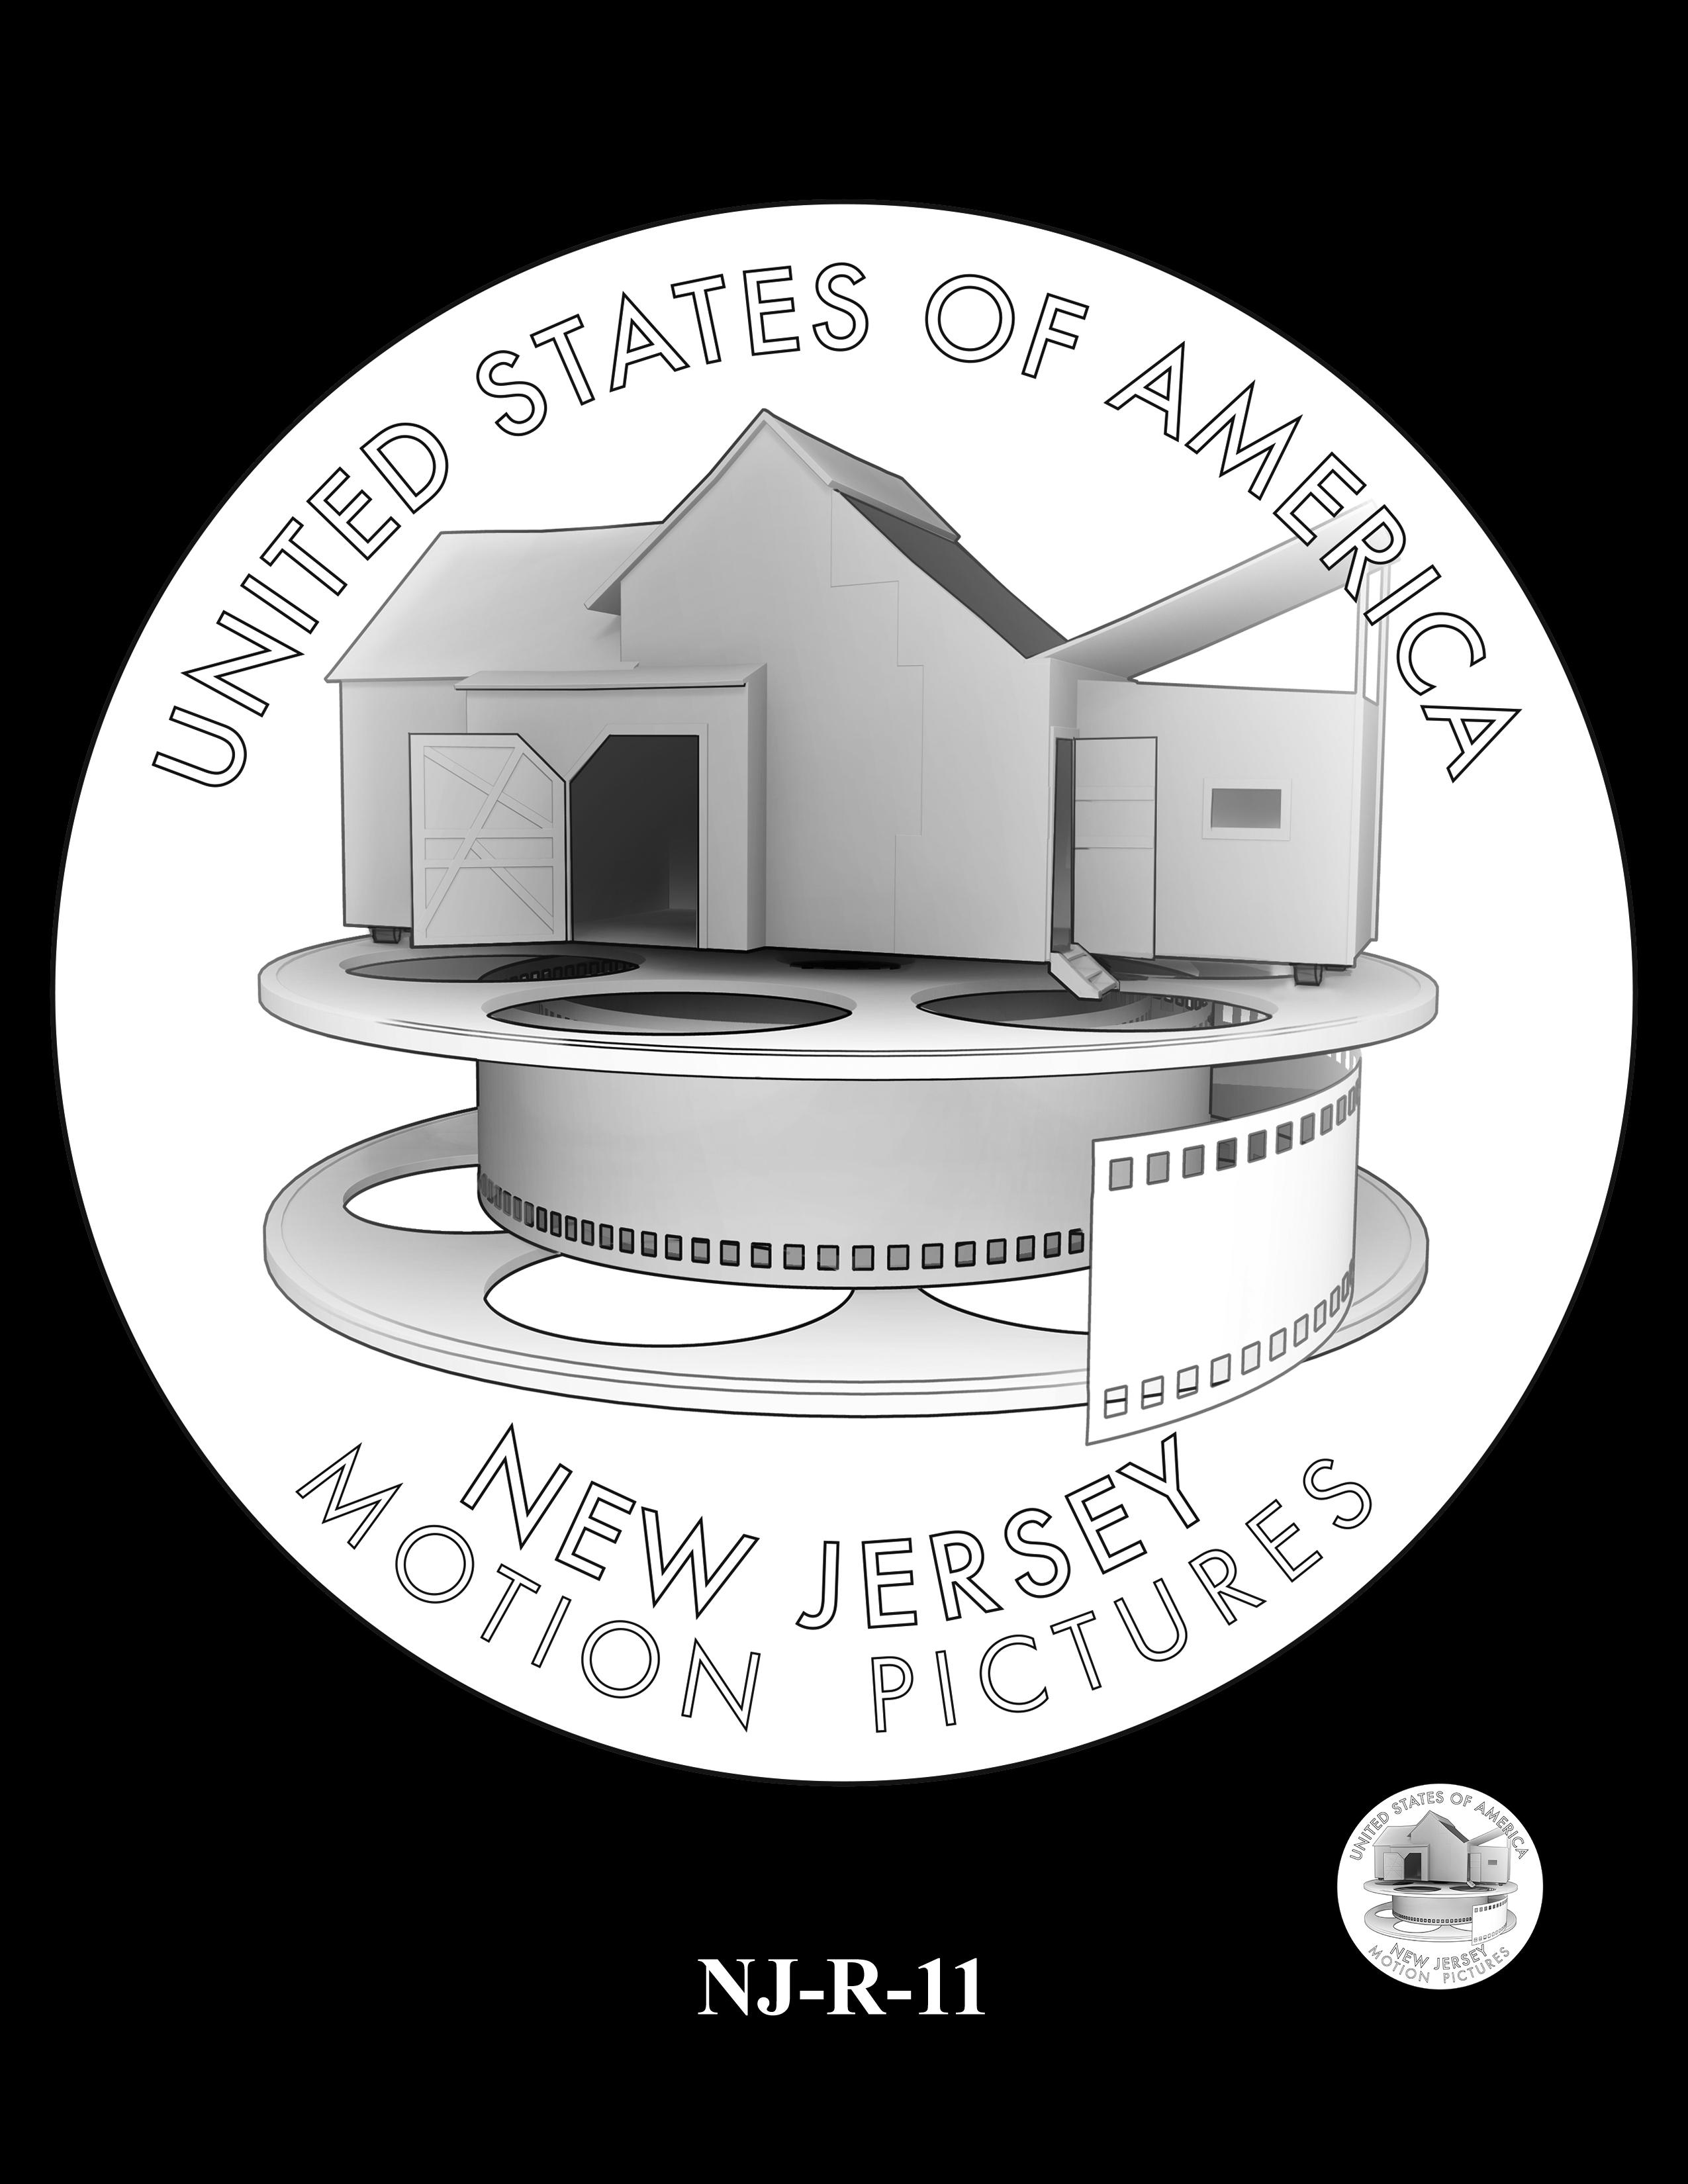 NJ-R-11 -- 2019 American Innovation $1 Coin Program